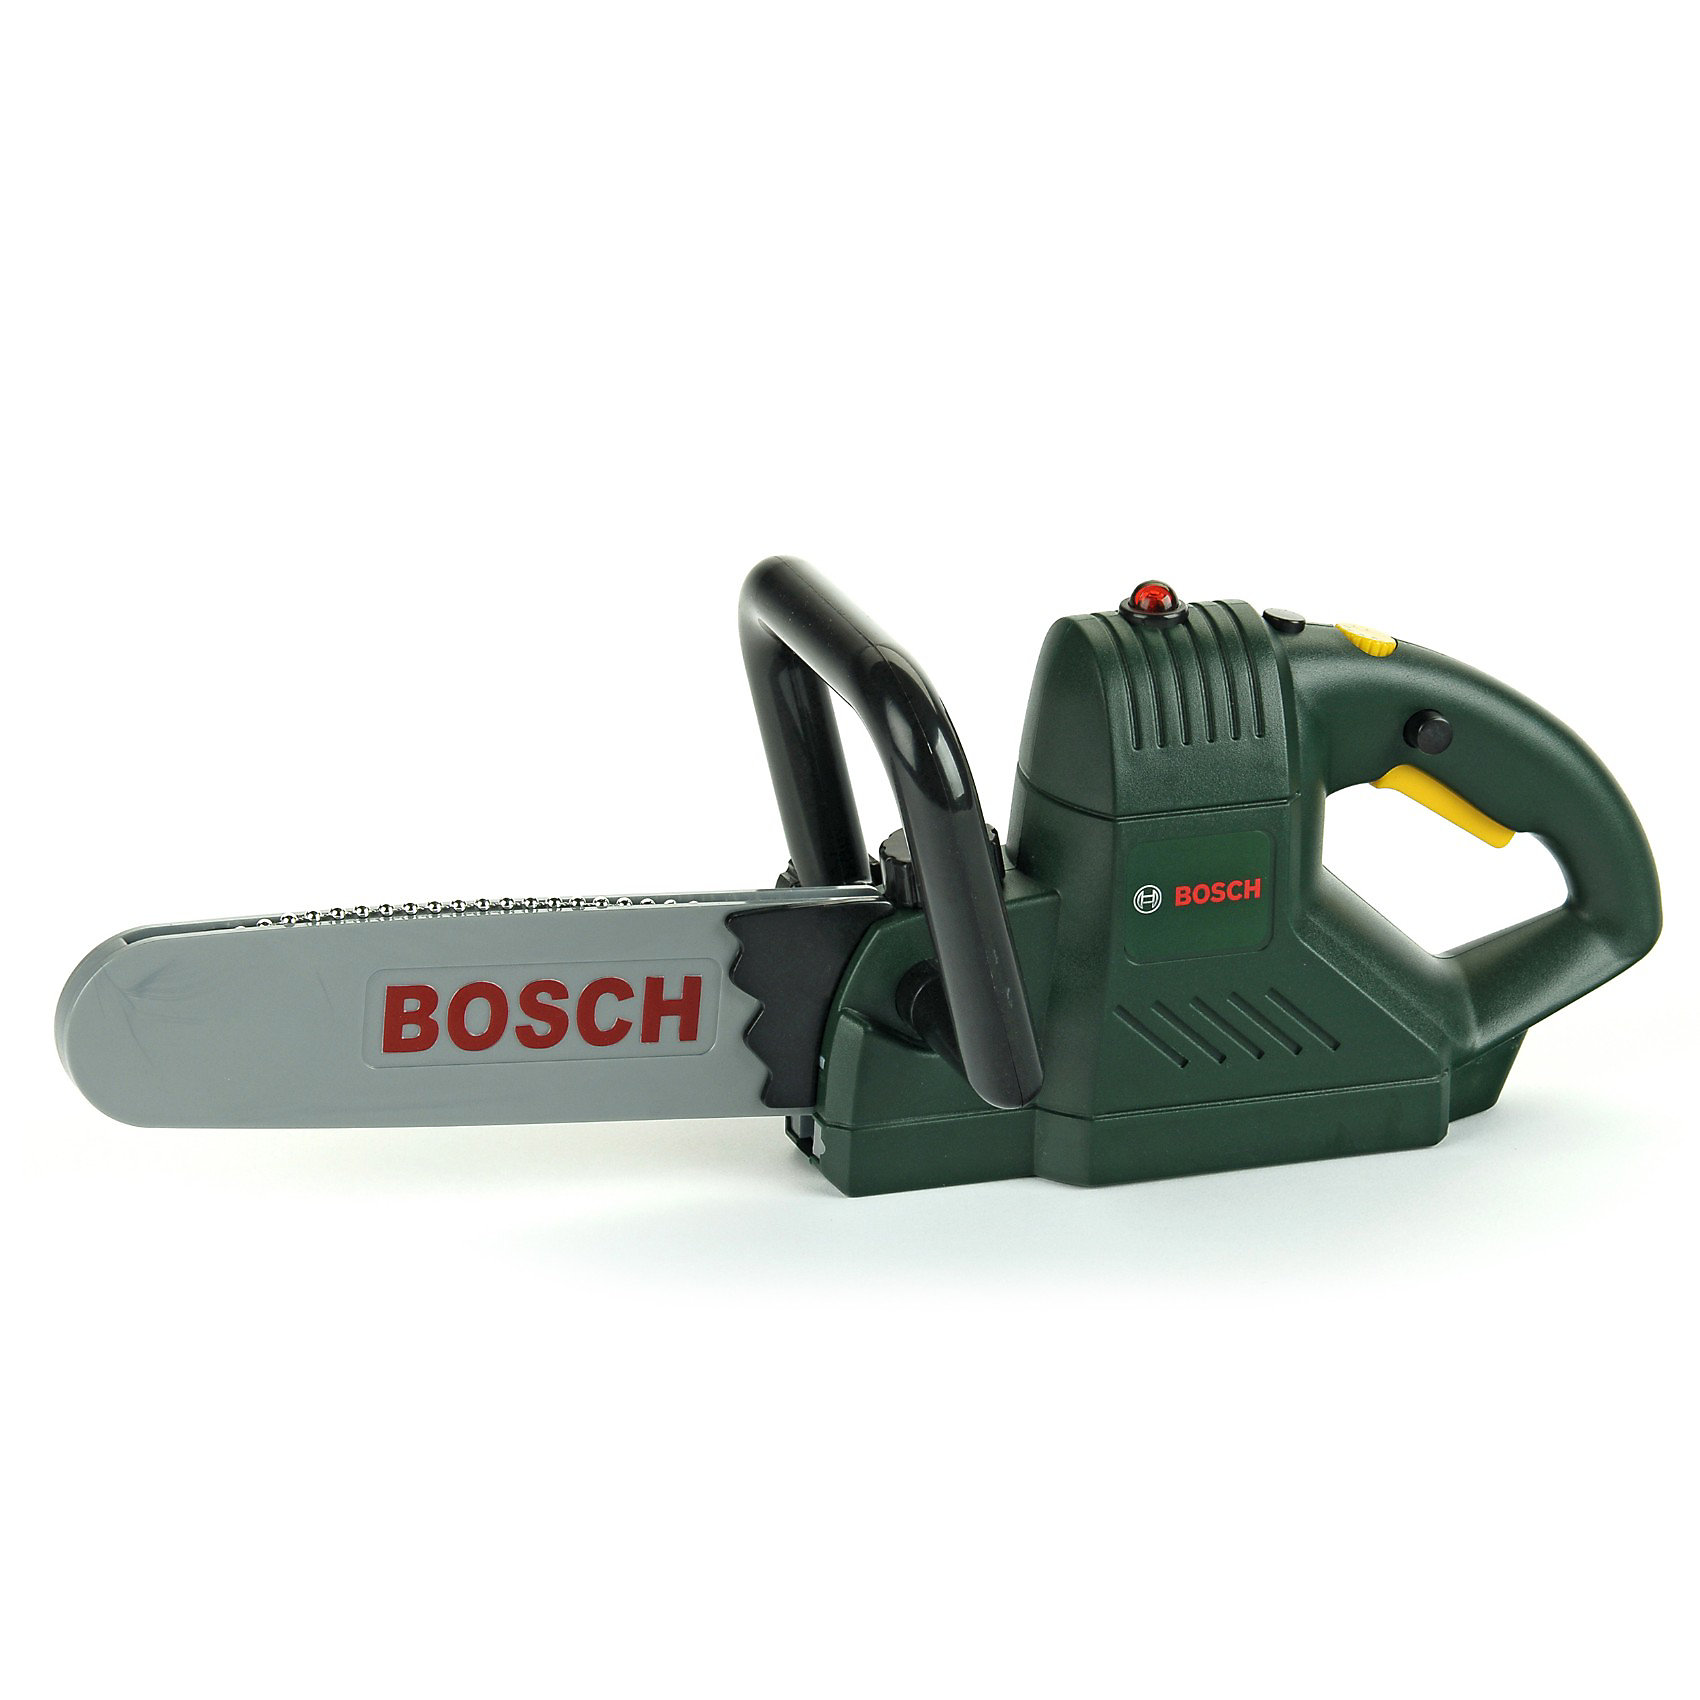 klein Бензопила Bosch, Klein бензопила bigmaster pn4500